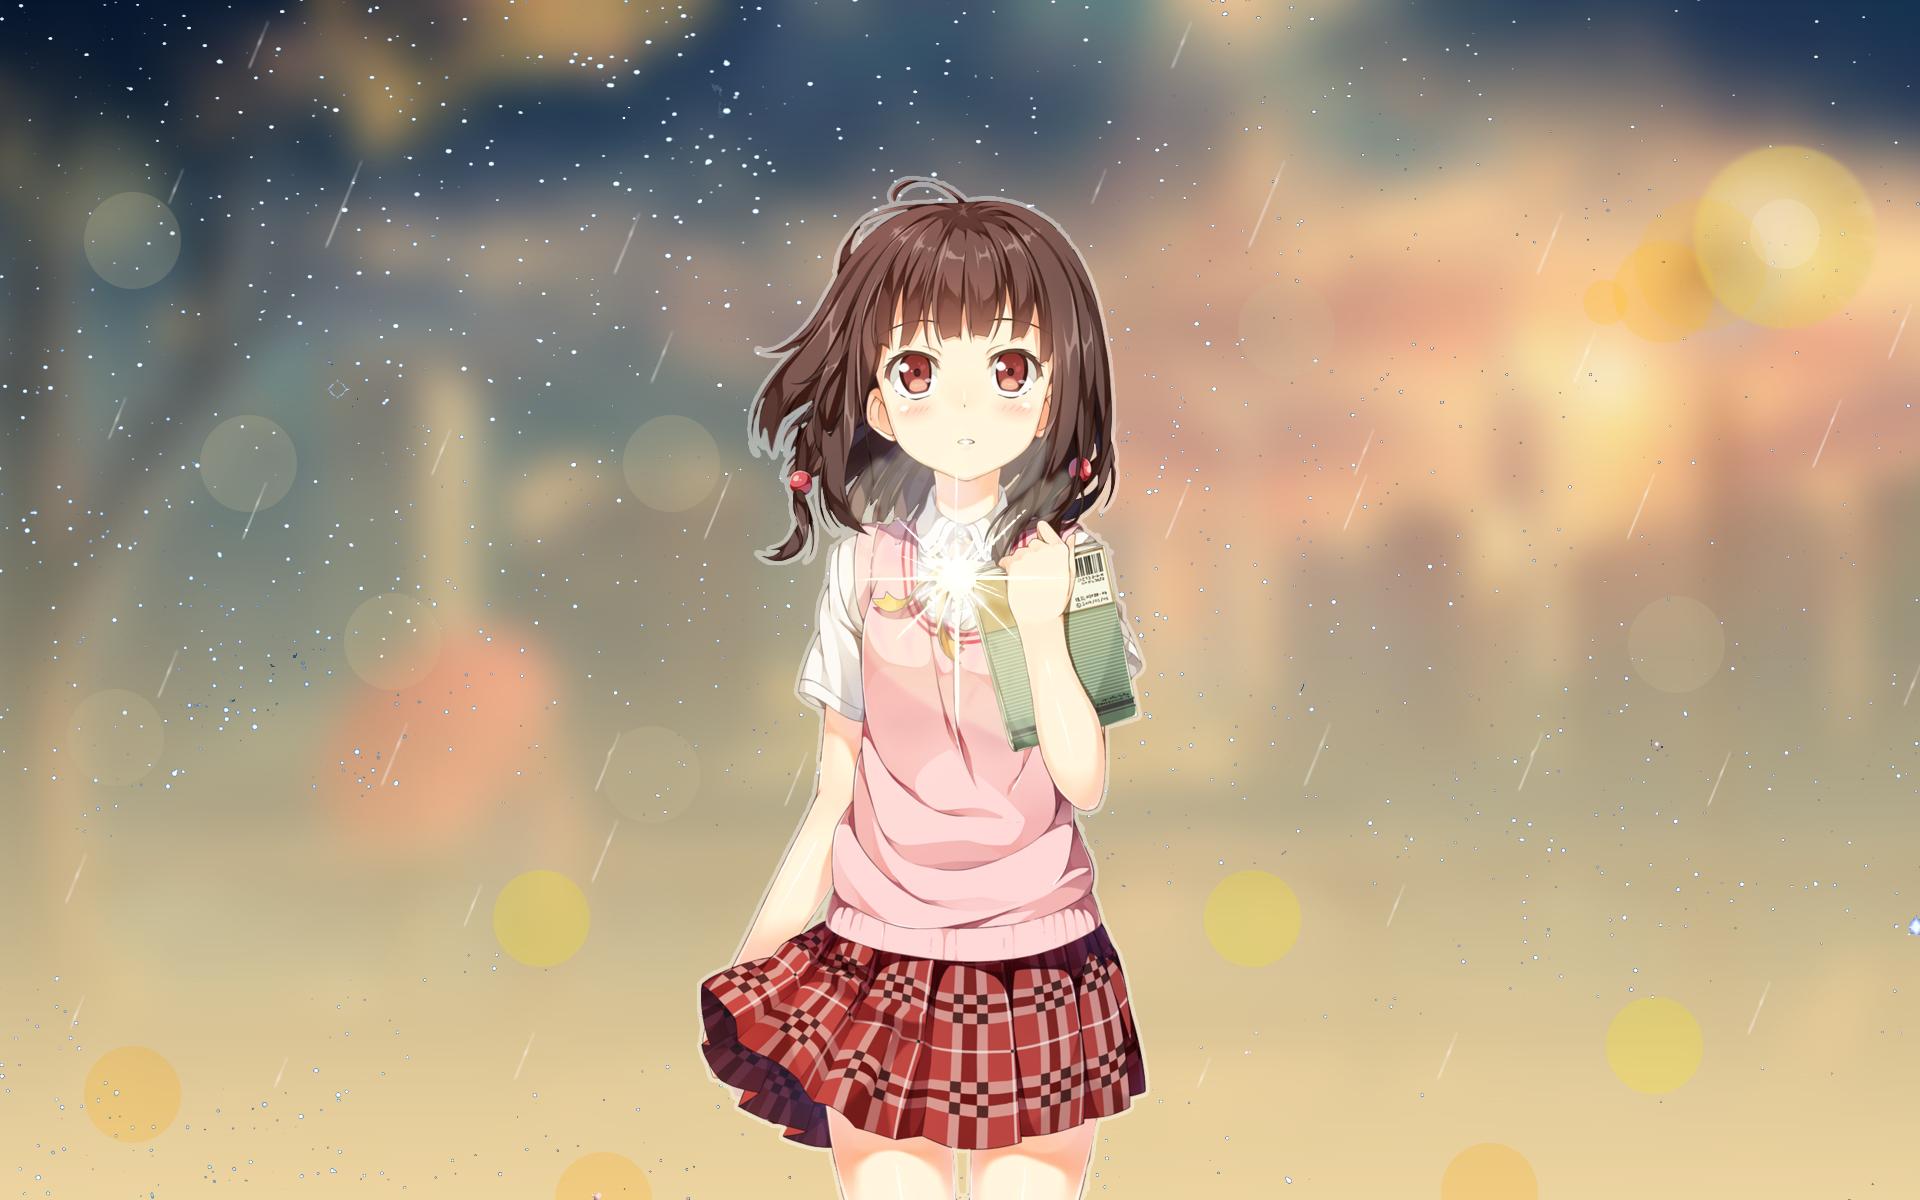 Wallpaper Anime Girls Anime Sky Anime Vectors Anime